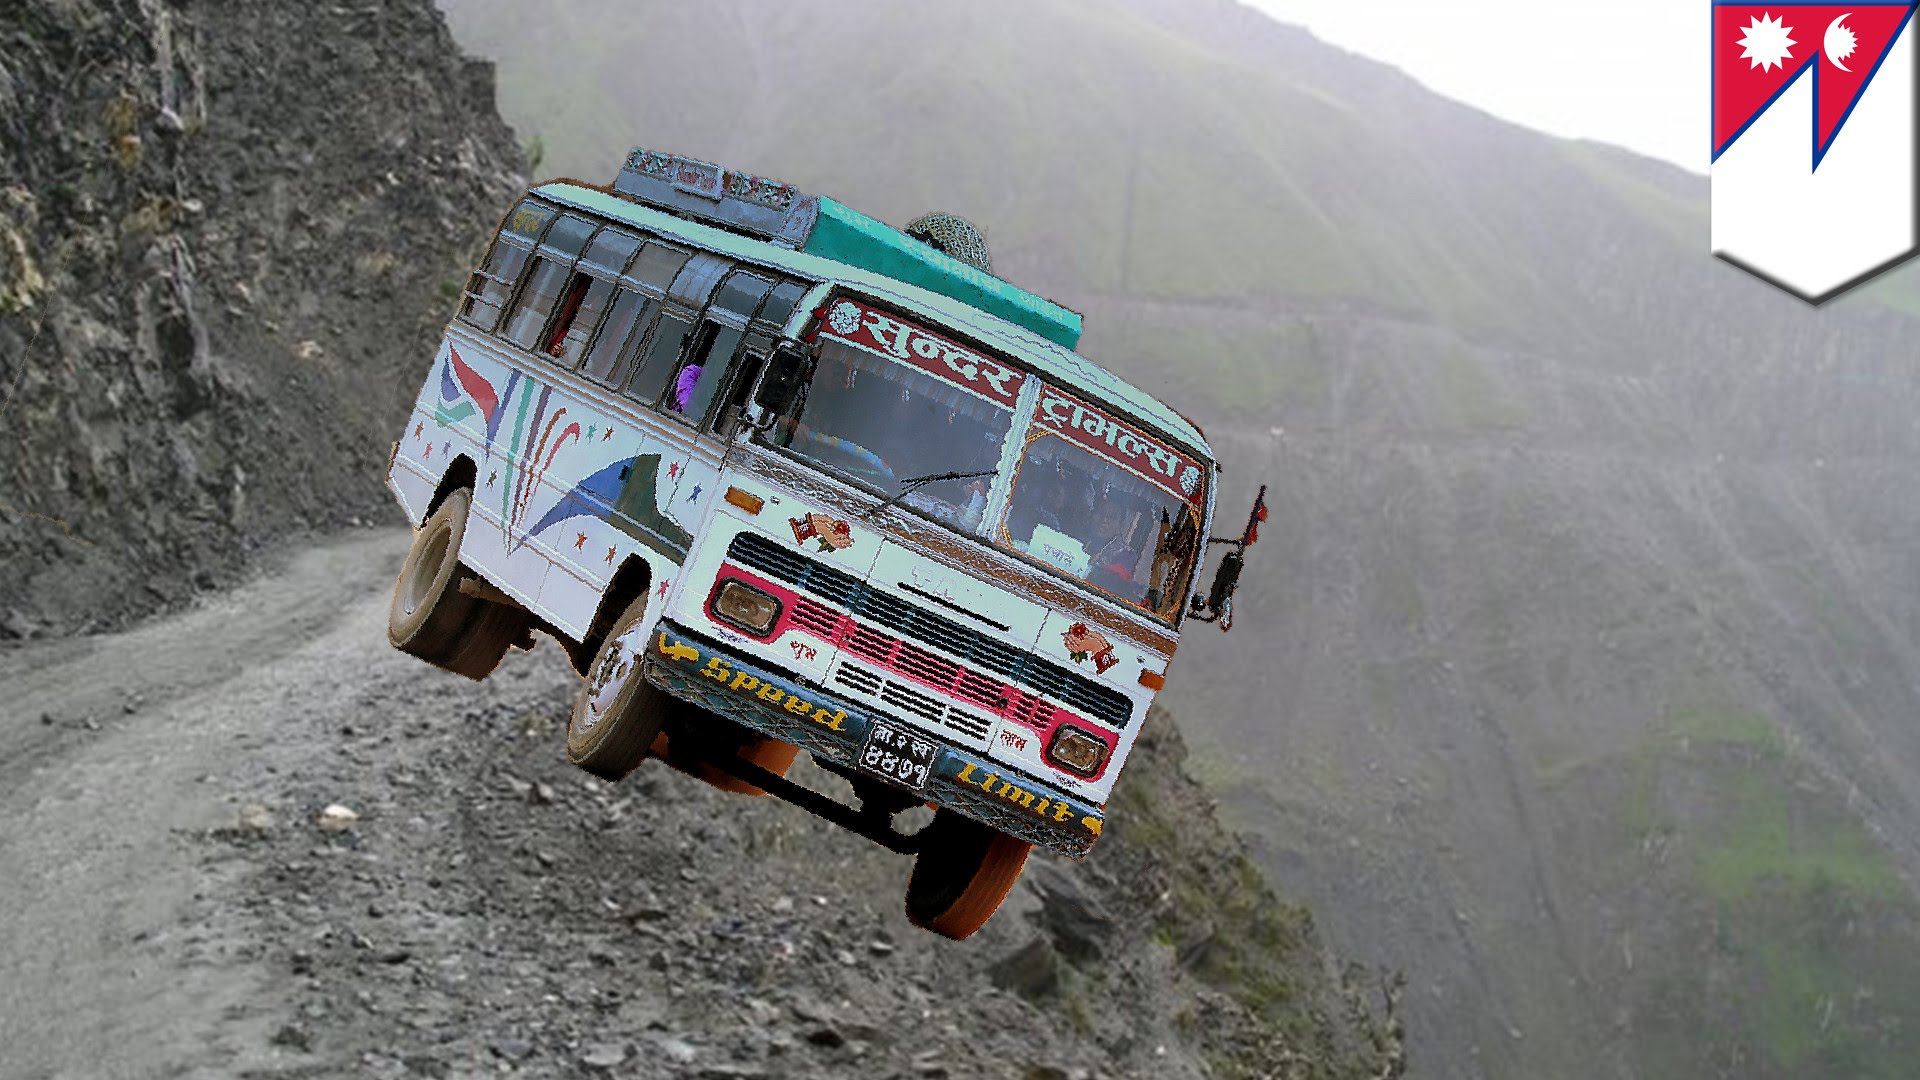 अरुणखोला बस दुर्घटना अपडेटः मृत्यु हुनेको सङ्ख्या ६ पुग्यो